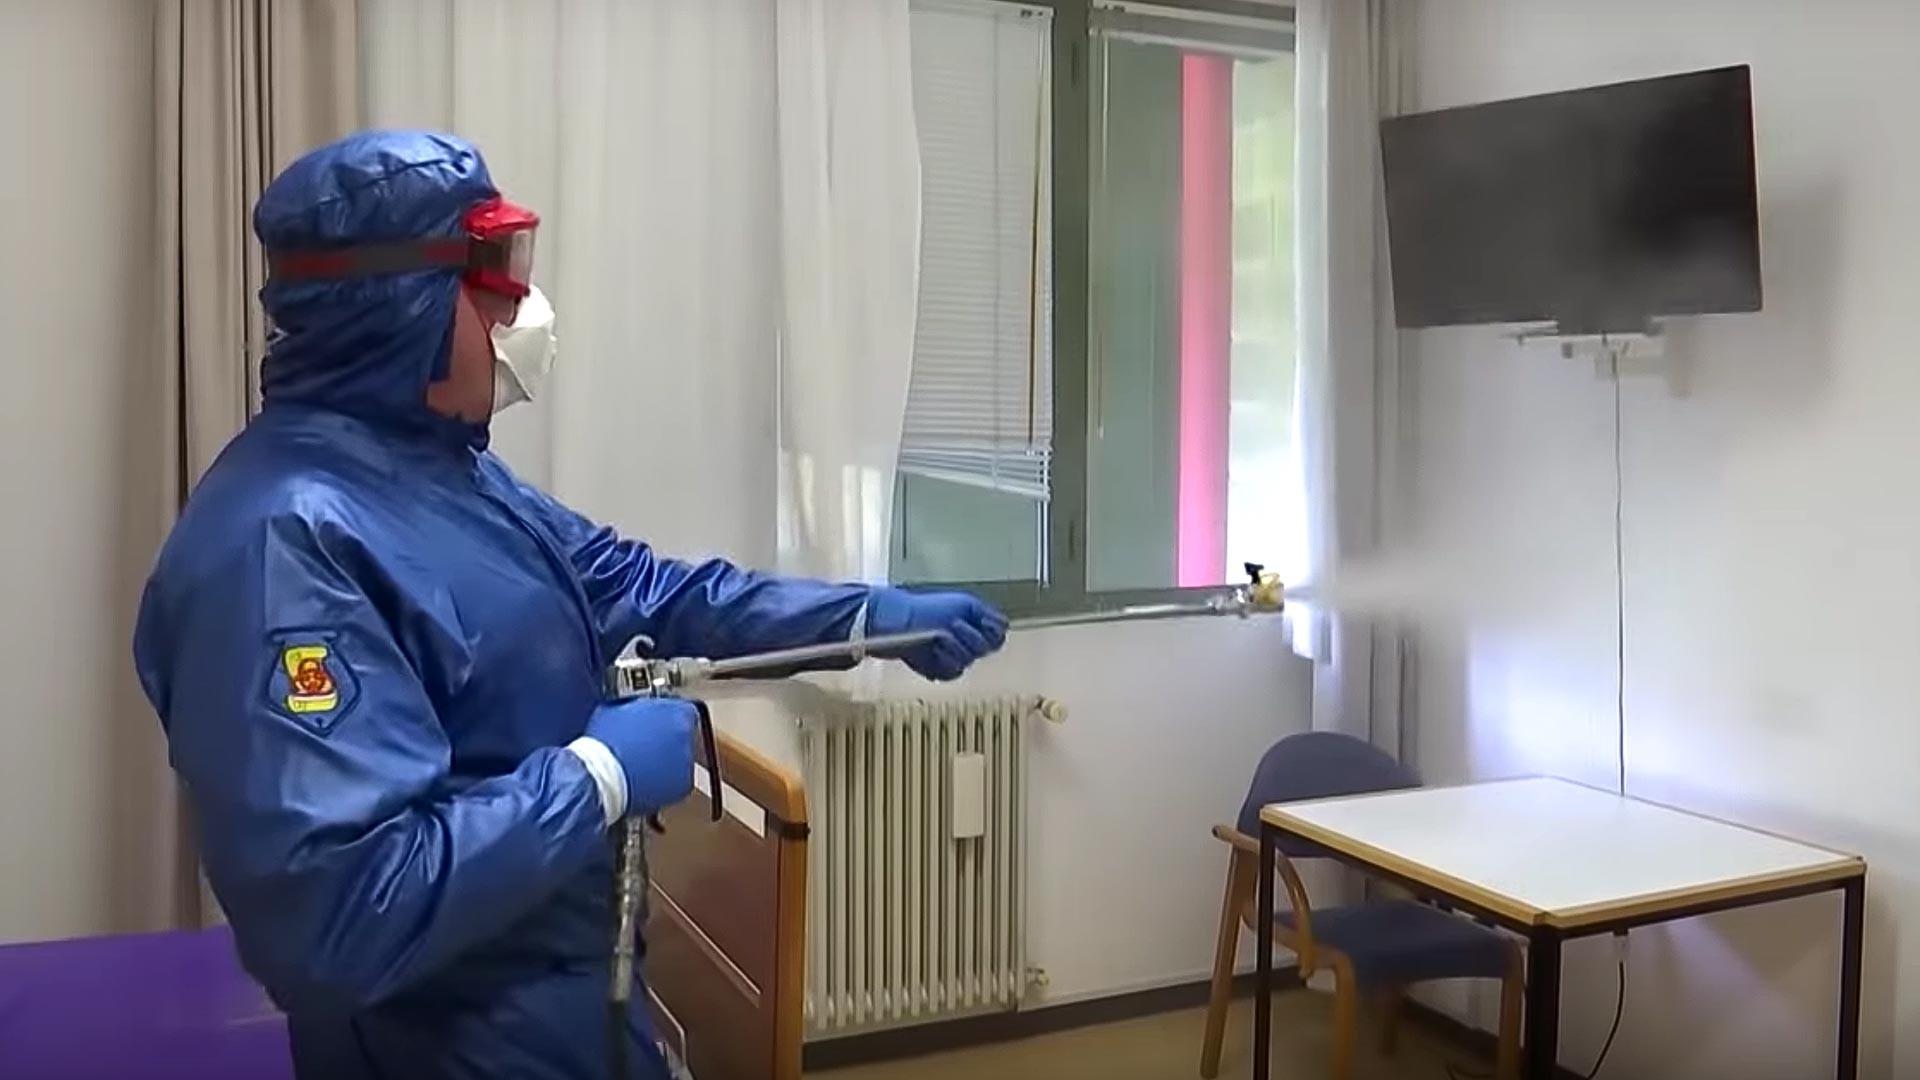 ロシアの専門家らはロンバルディア州の病院の消毒作業を行っている。